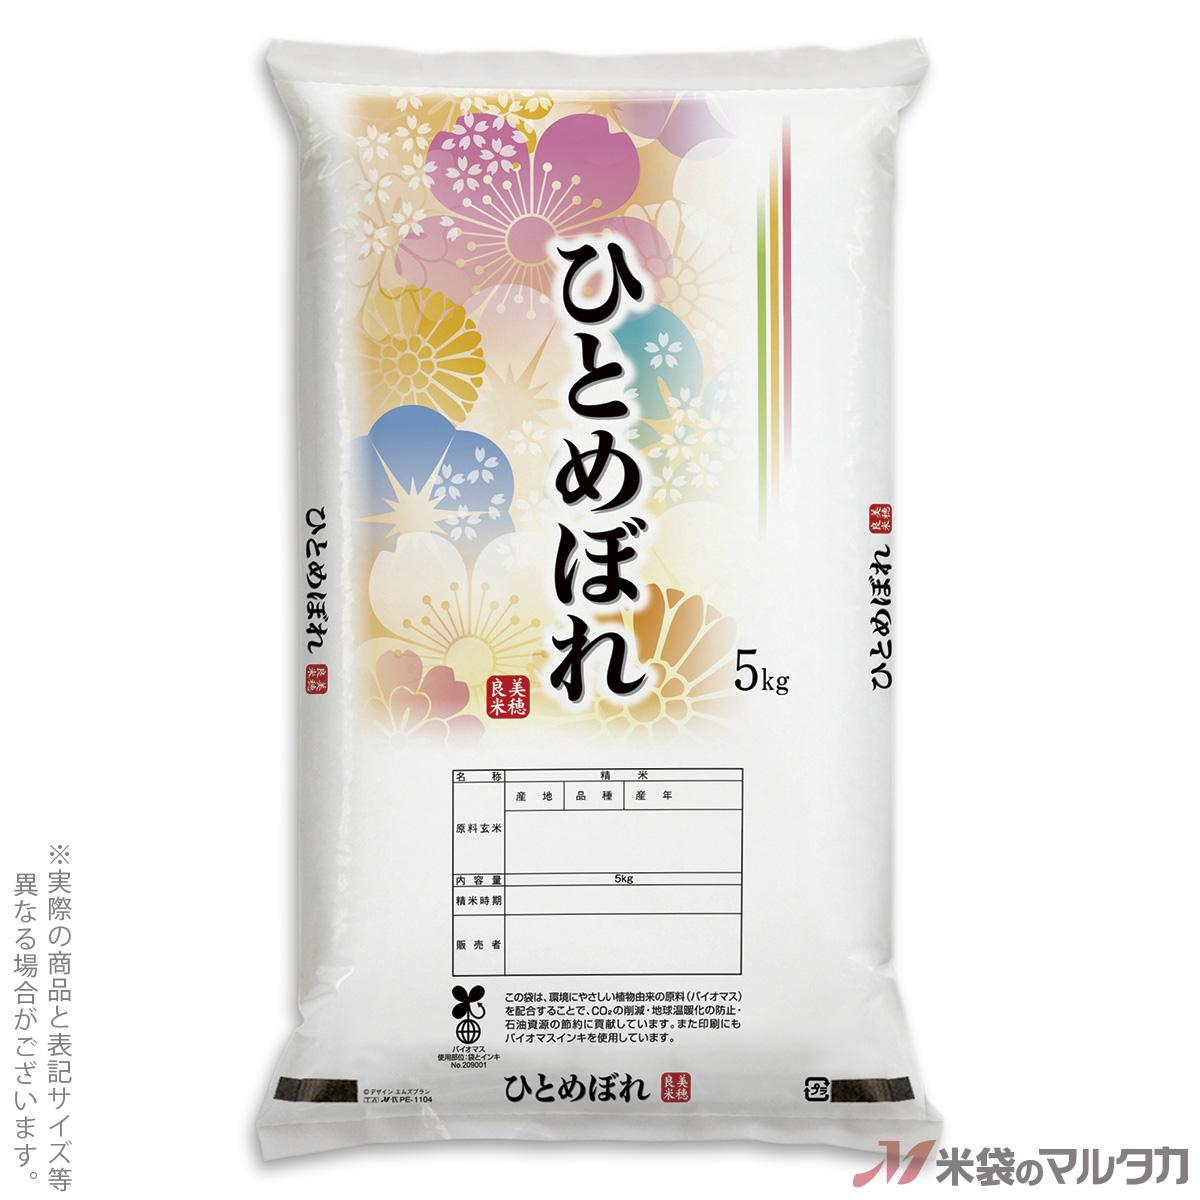 米袋 バイオマスポリ マイクロドット ひとめぼれ 花きらり 5kg用 1ケース(500枚入) PE-1104